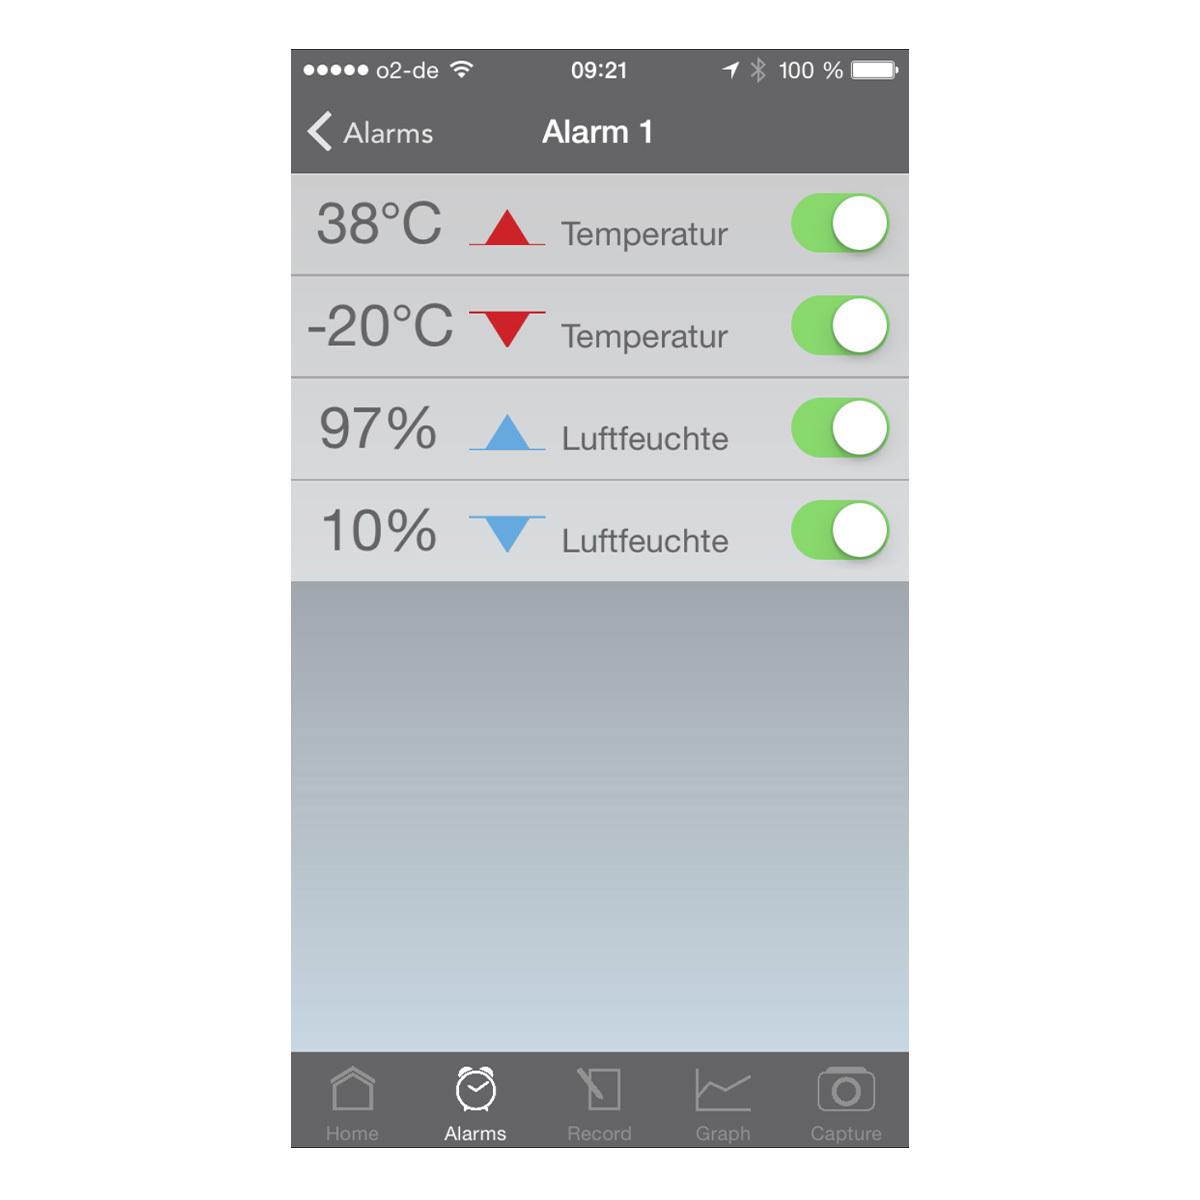 30-5035-01-thermo-hygrometer-für-smartphones-smarthy-app-anwendung1-1200x1200px.jpg